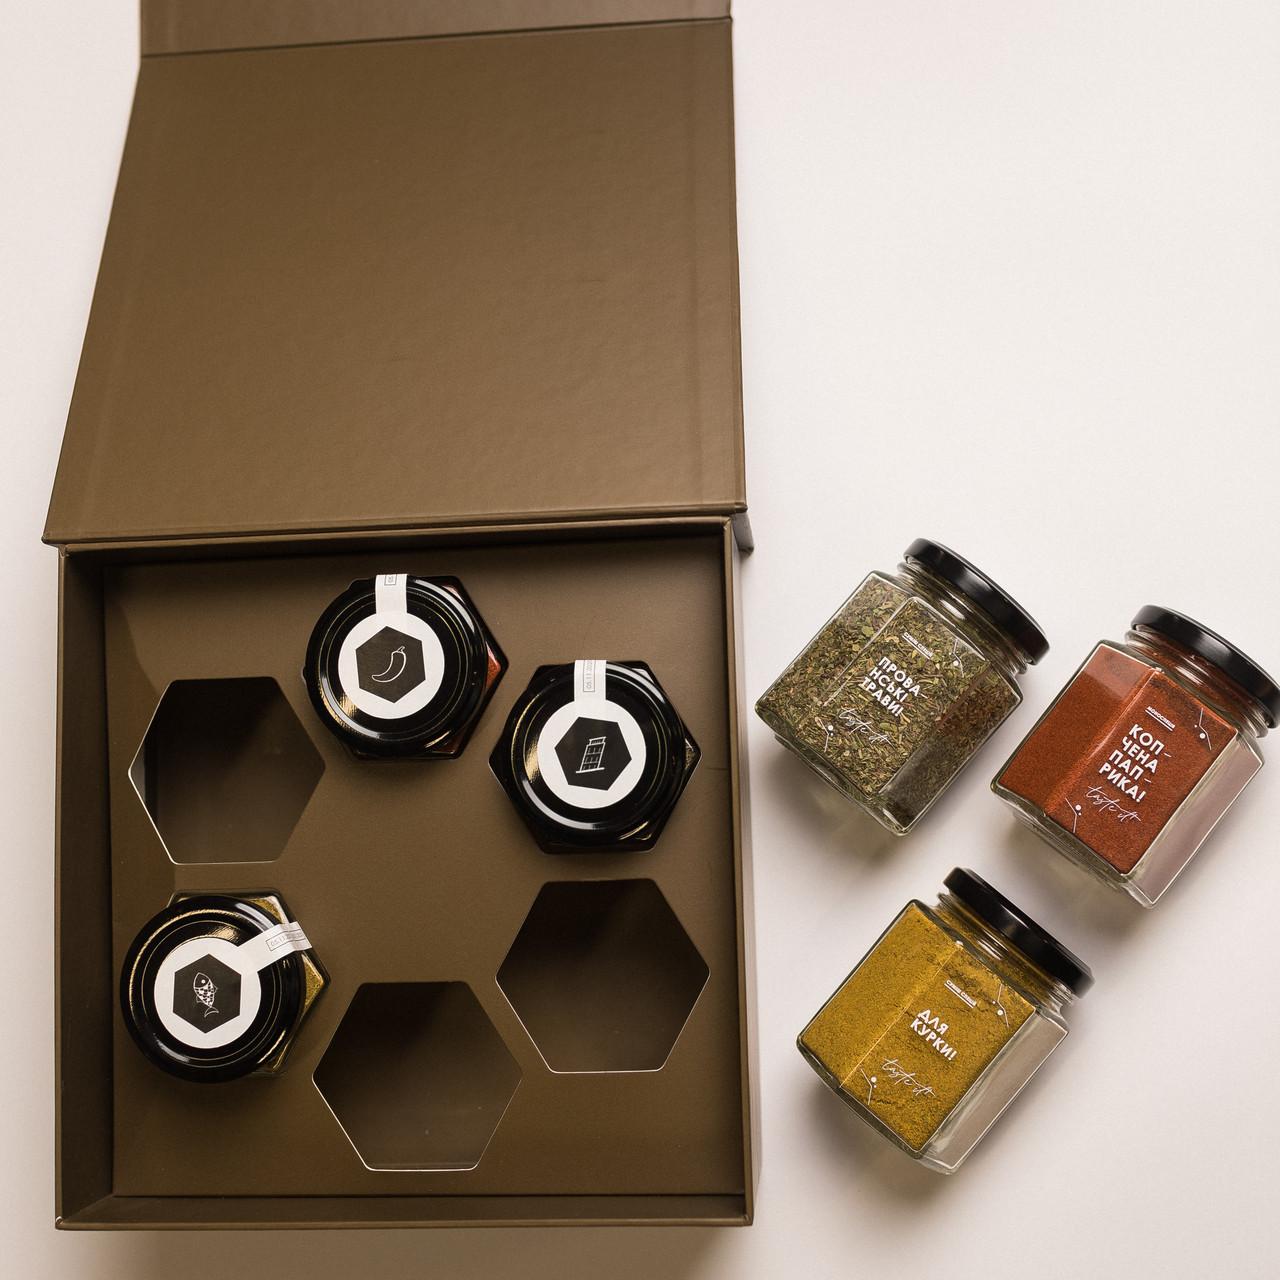 Подарочный набор The Spicebox / Премиум Spice 1 (Набор специй)